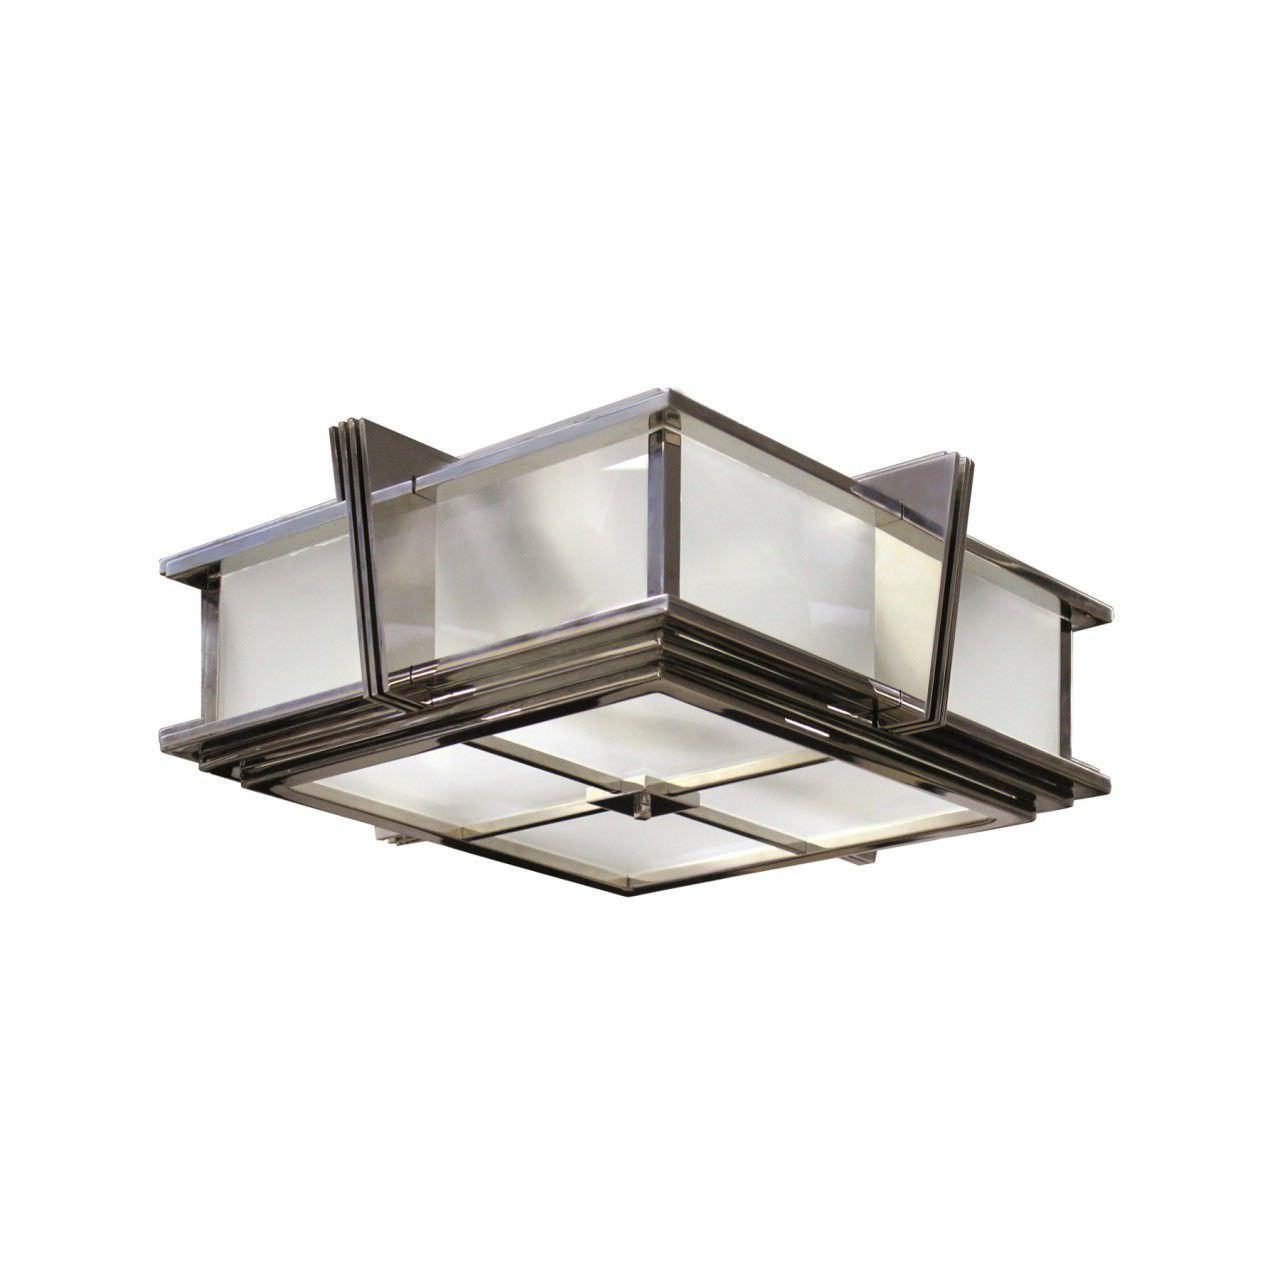 Deckenleuchte Art Deco Quadratisch Glas Messing